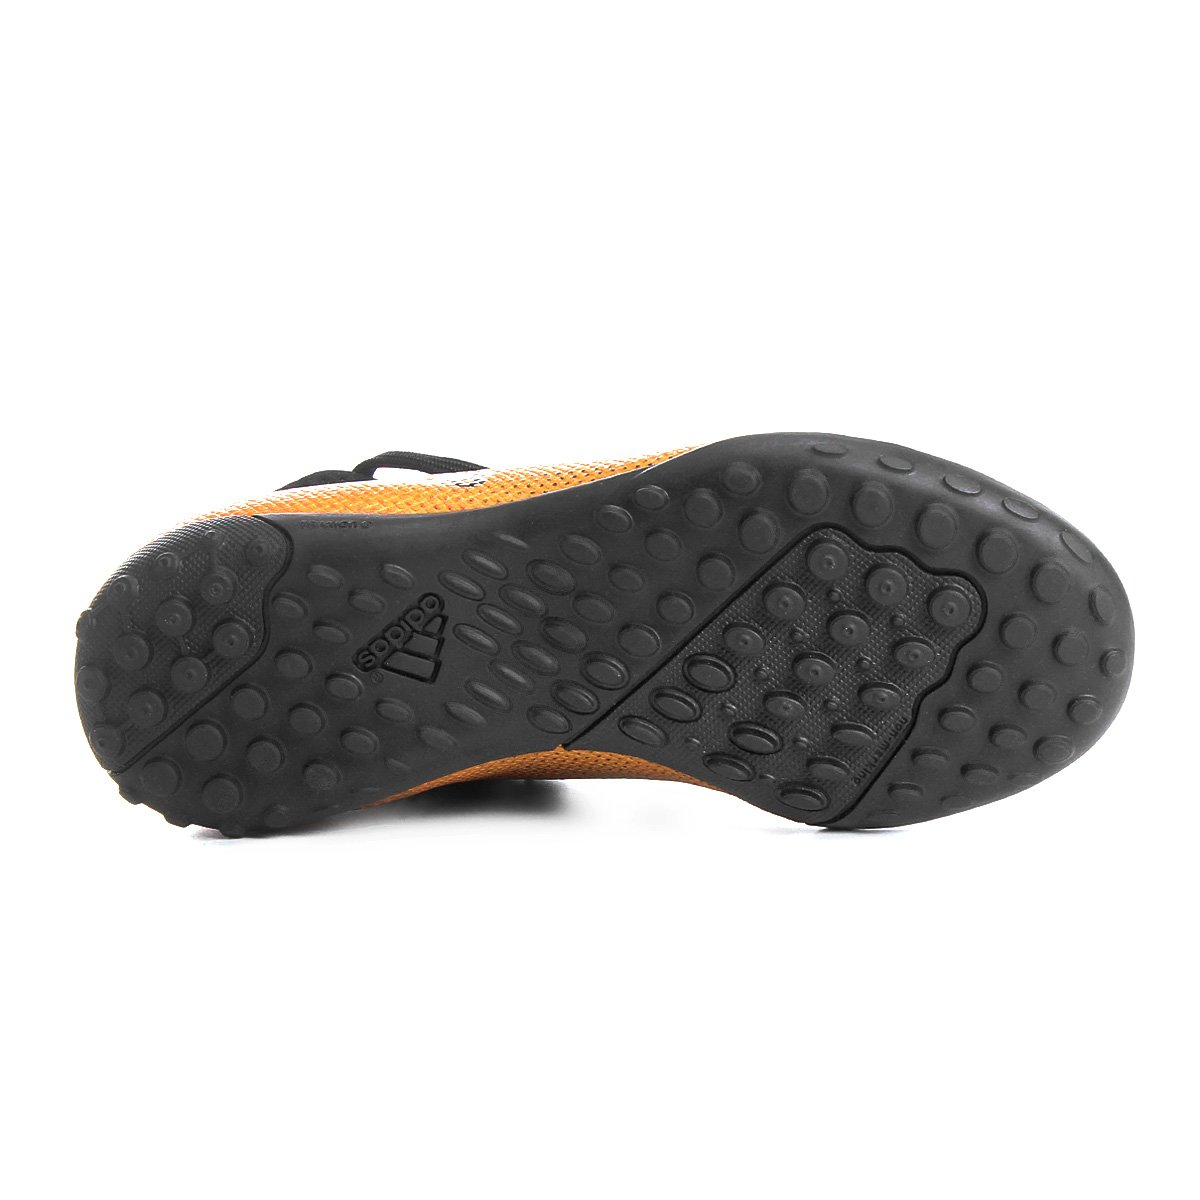 Chuteira Society Adidas X 17 3 TF Infantil - Compre Agora  666e161d04bcc